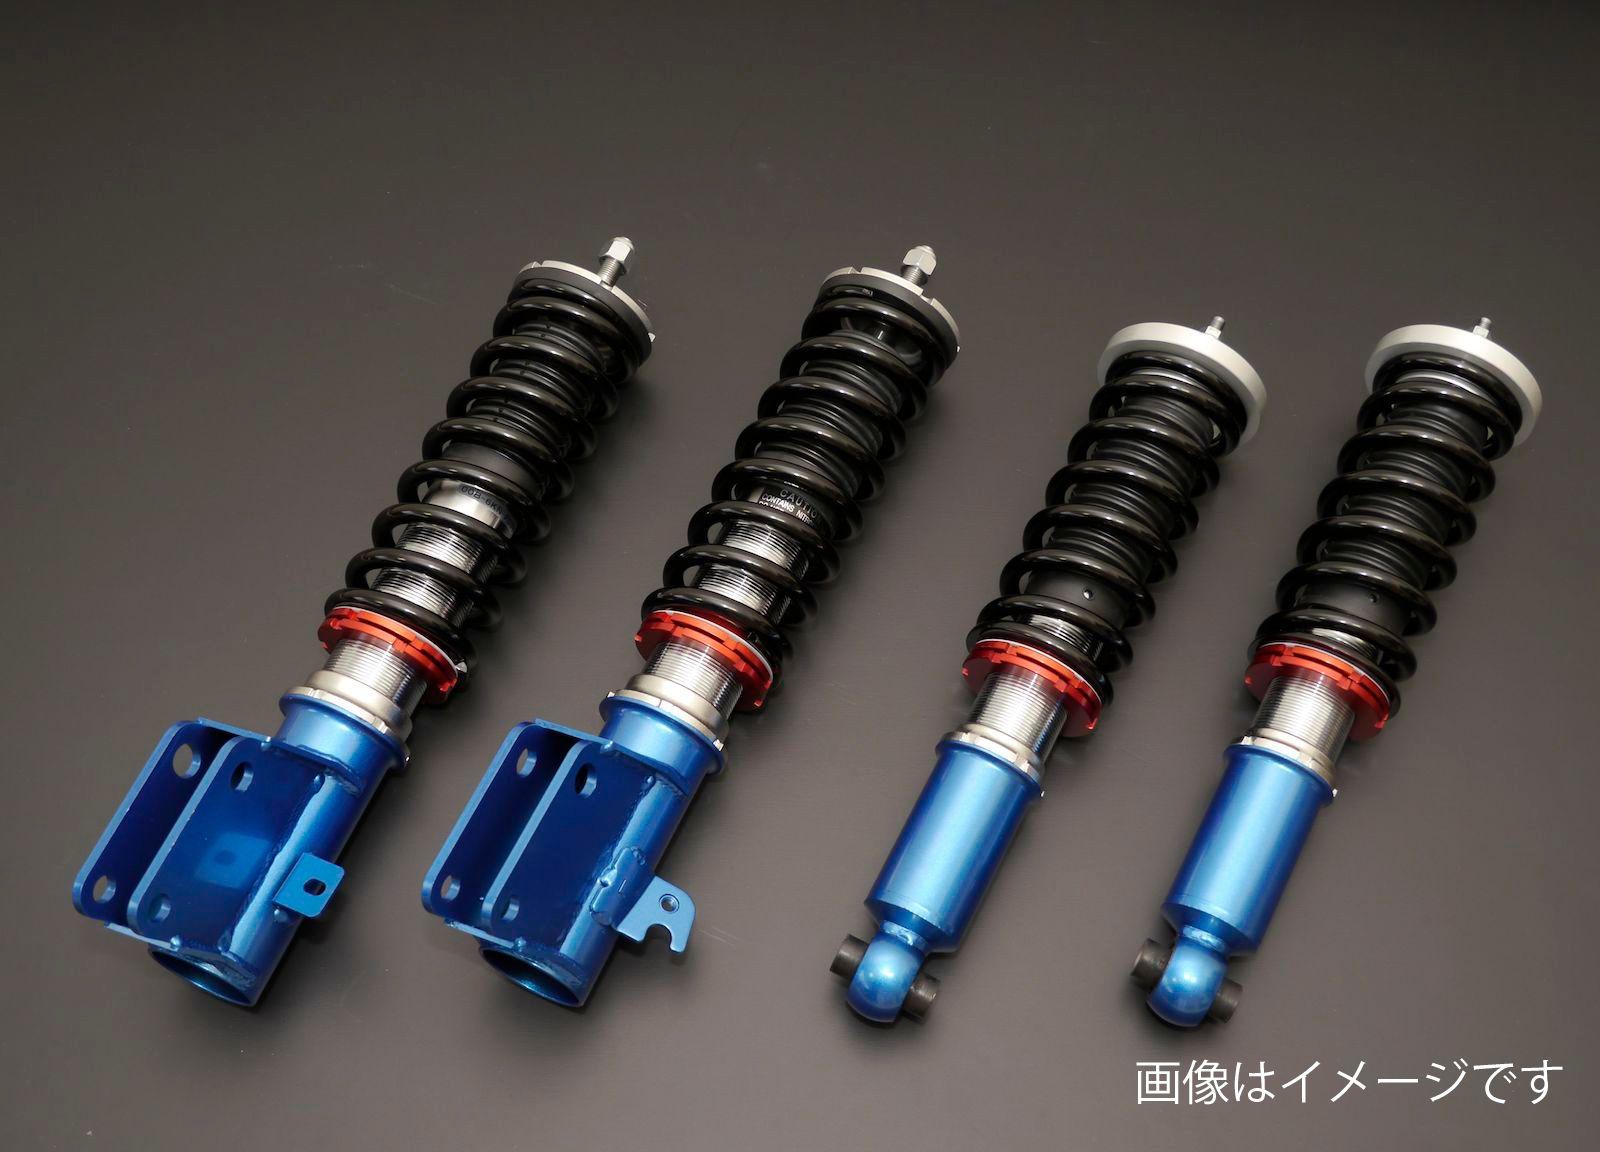 CUSCO(クスコ) 車高調キット street ZERO スバル フォレスター SG5/SG9 2002.2-2007.12 商品番号:676 61P CN